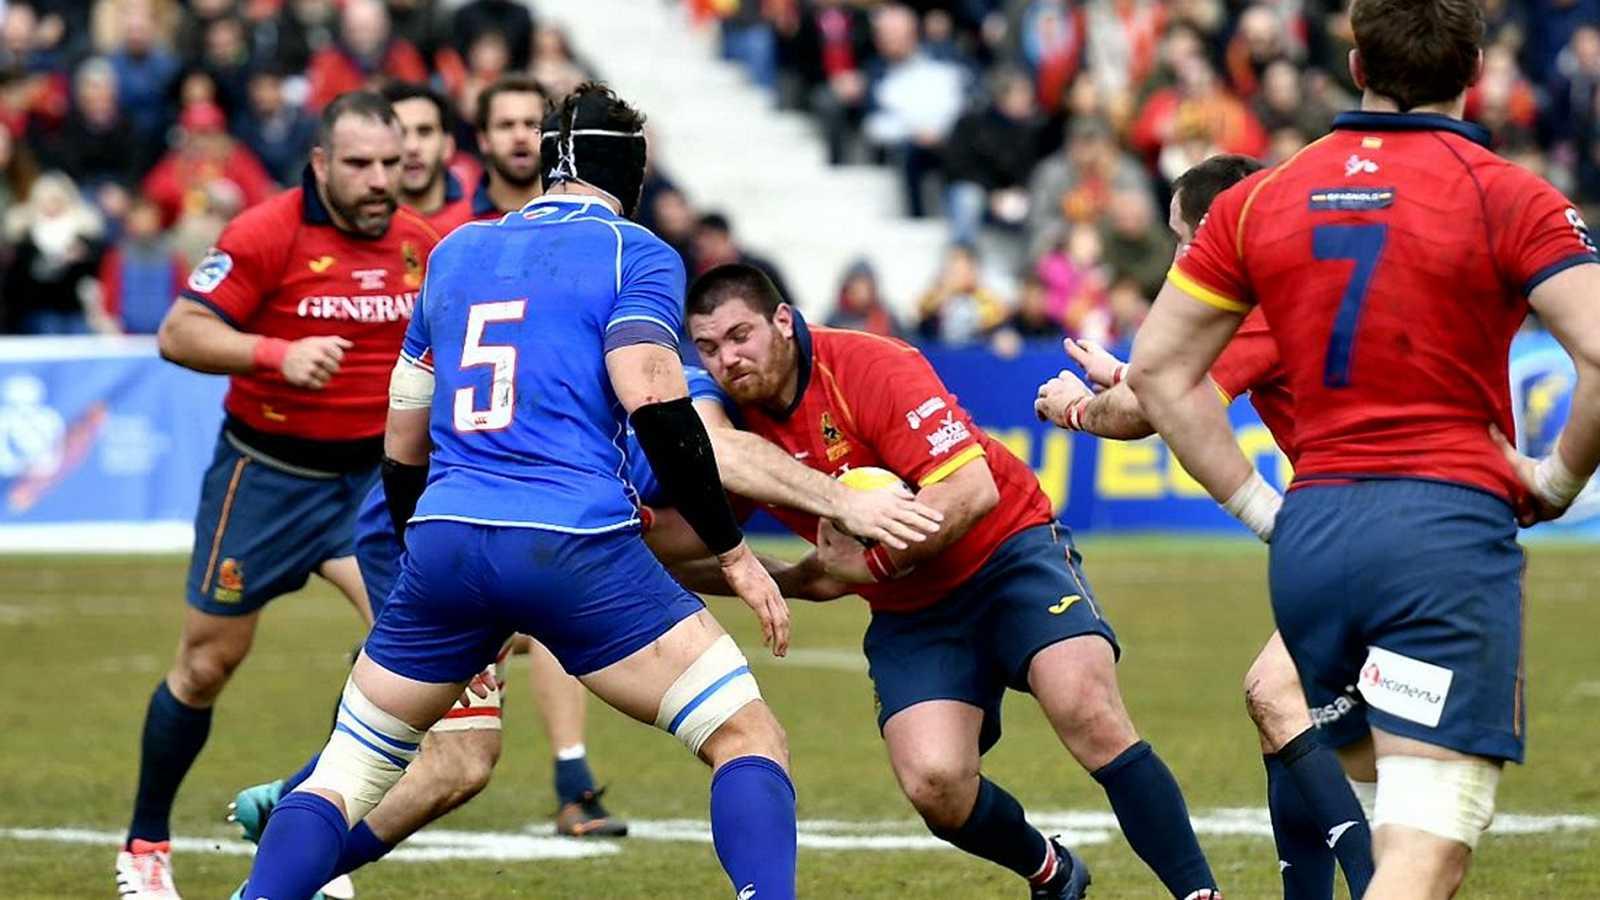 España remonta para ganar 16-14 a Rusia en el Europeo de rugby